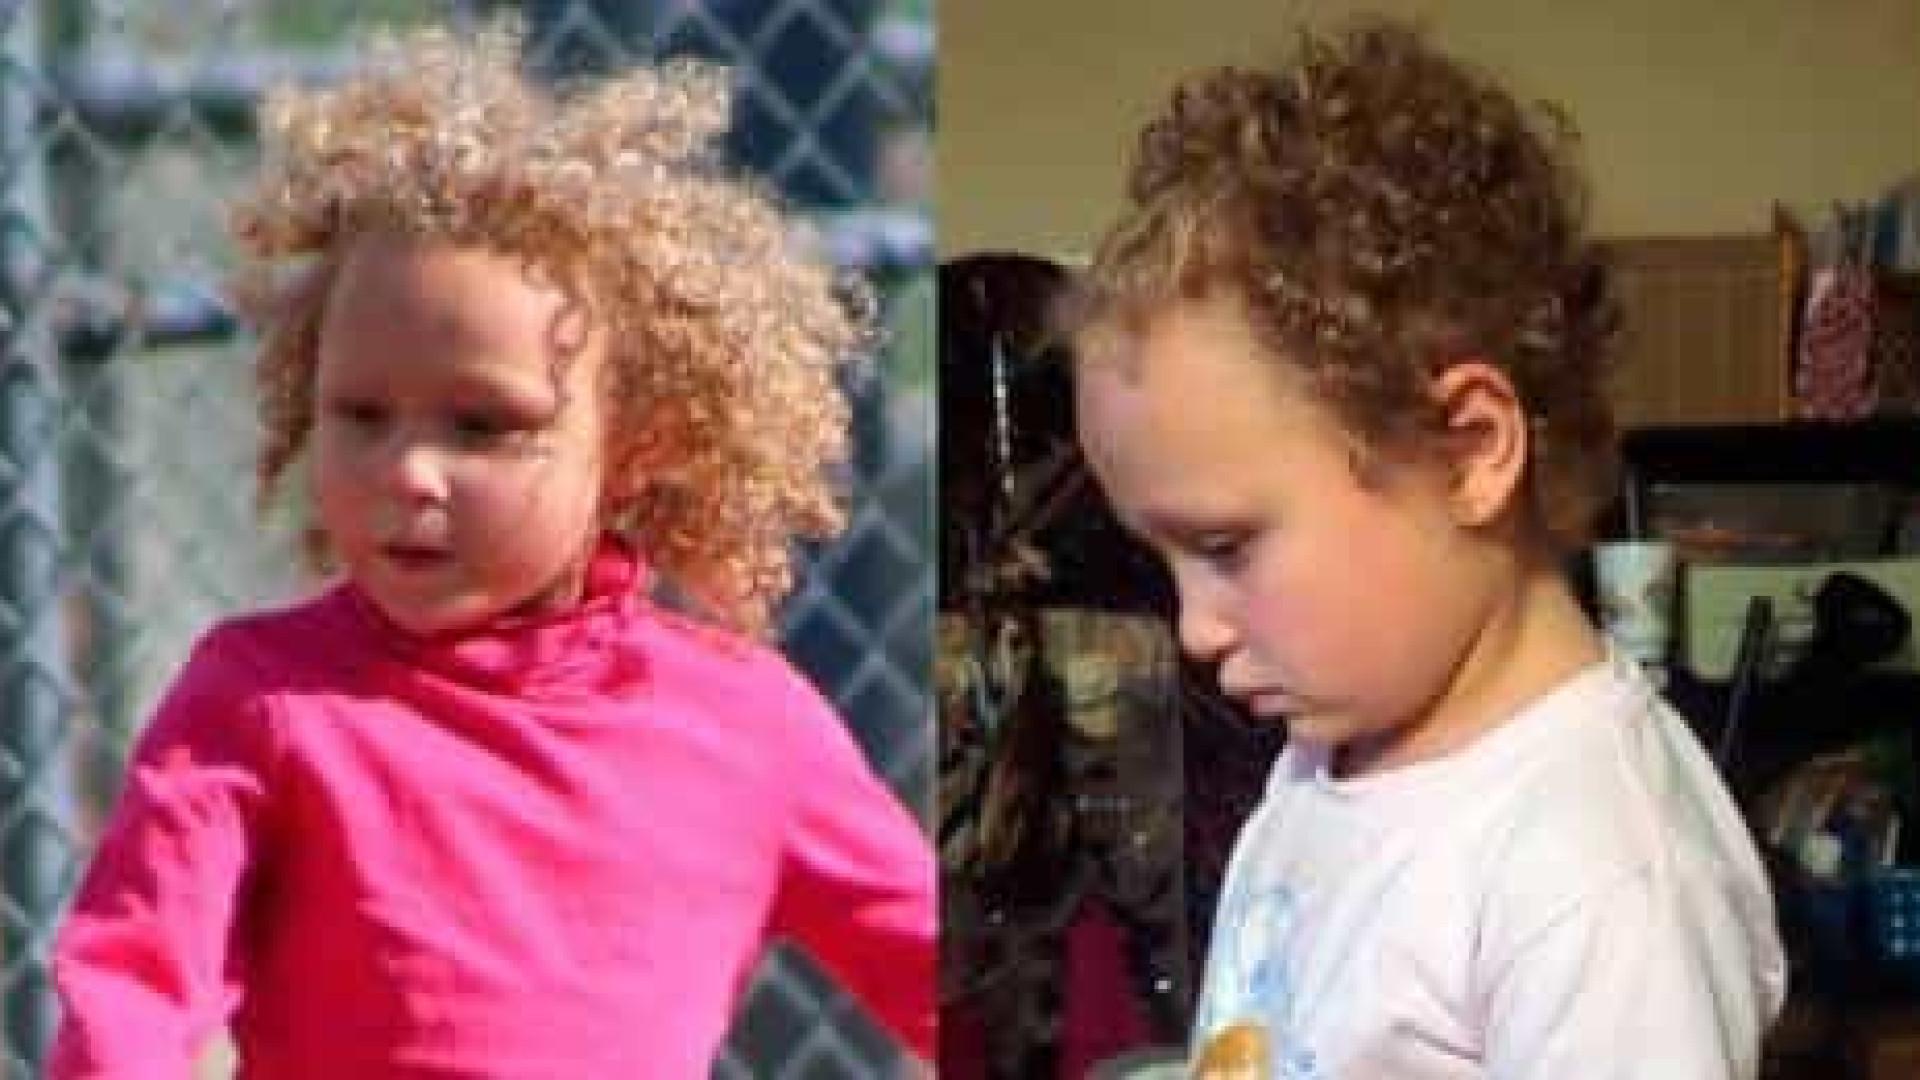 Pai processa escola por cortarem cabelo da filha e pede cinco milhões